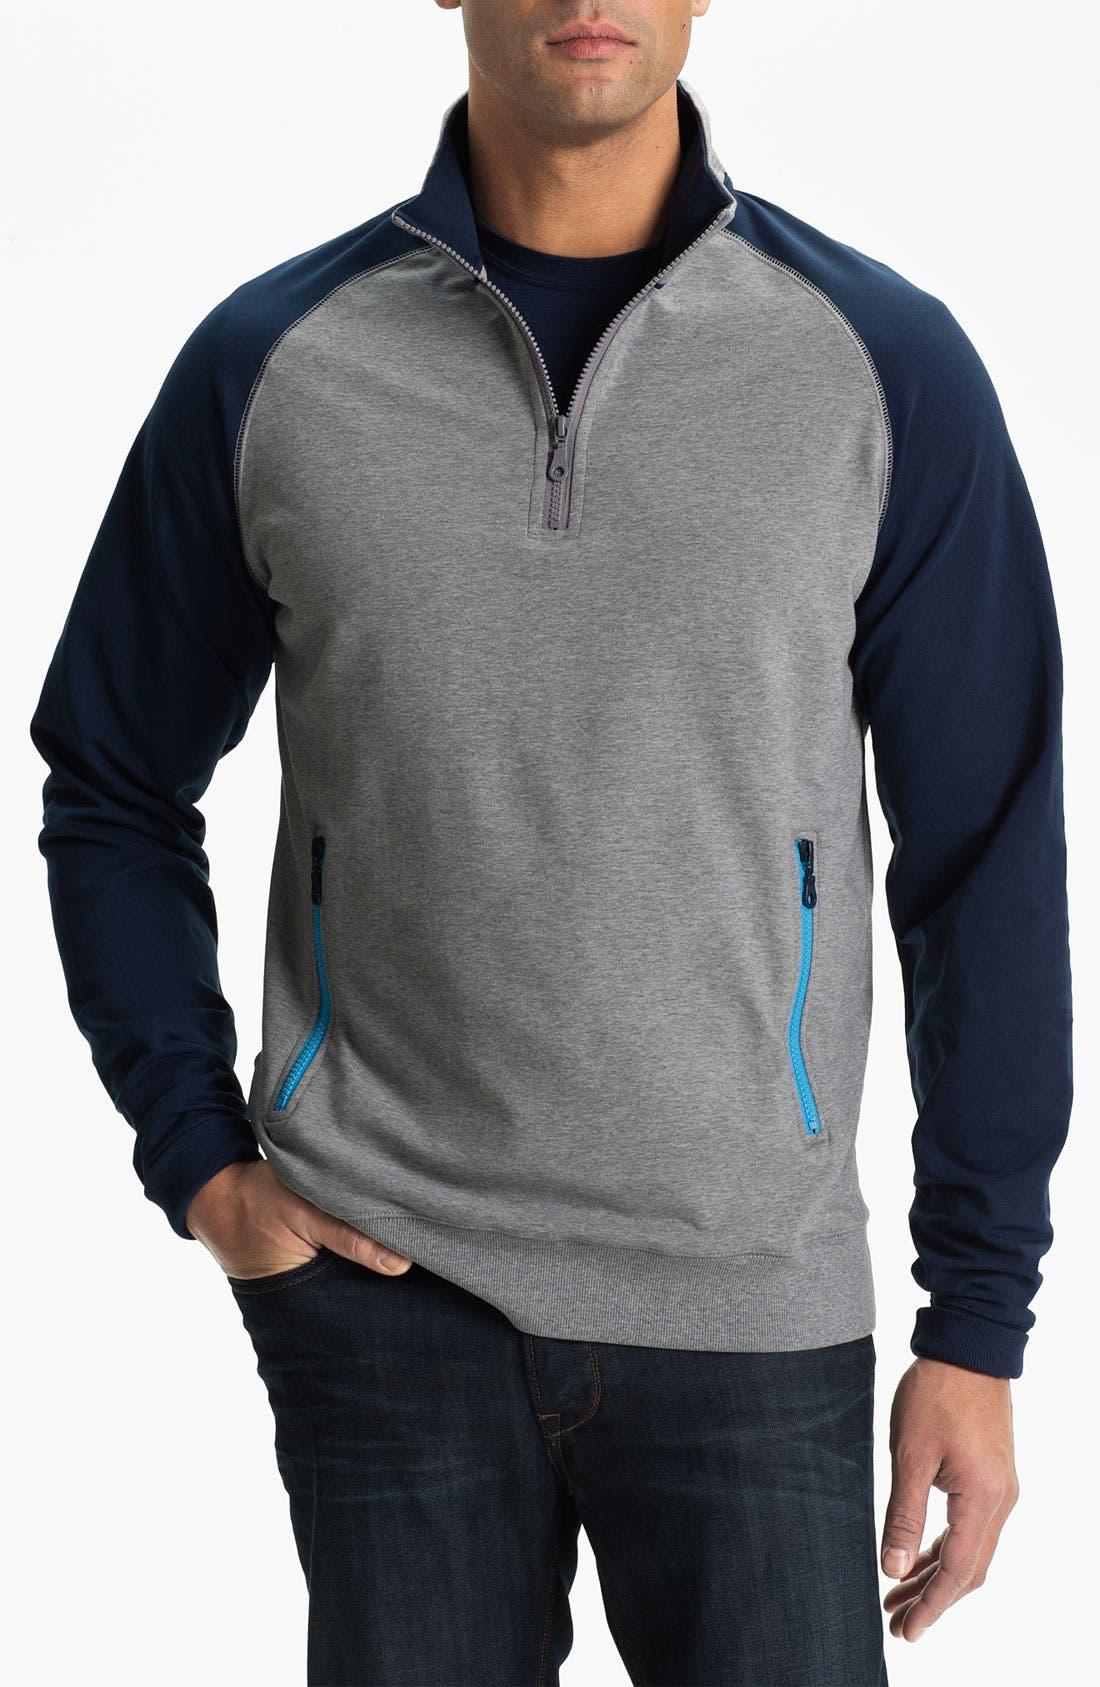 Main Image - Cutter & Buck 'Ballinger' Half Zip Pullover (Big & Tall)